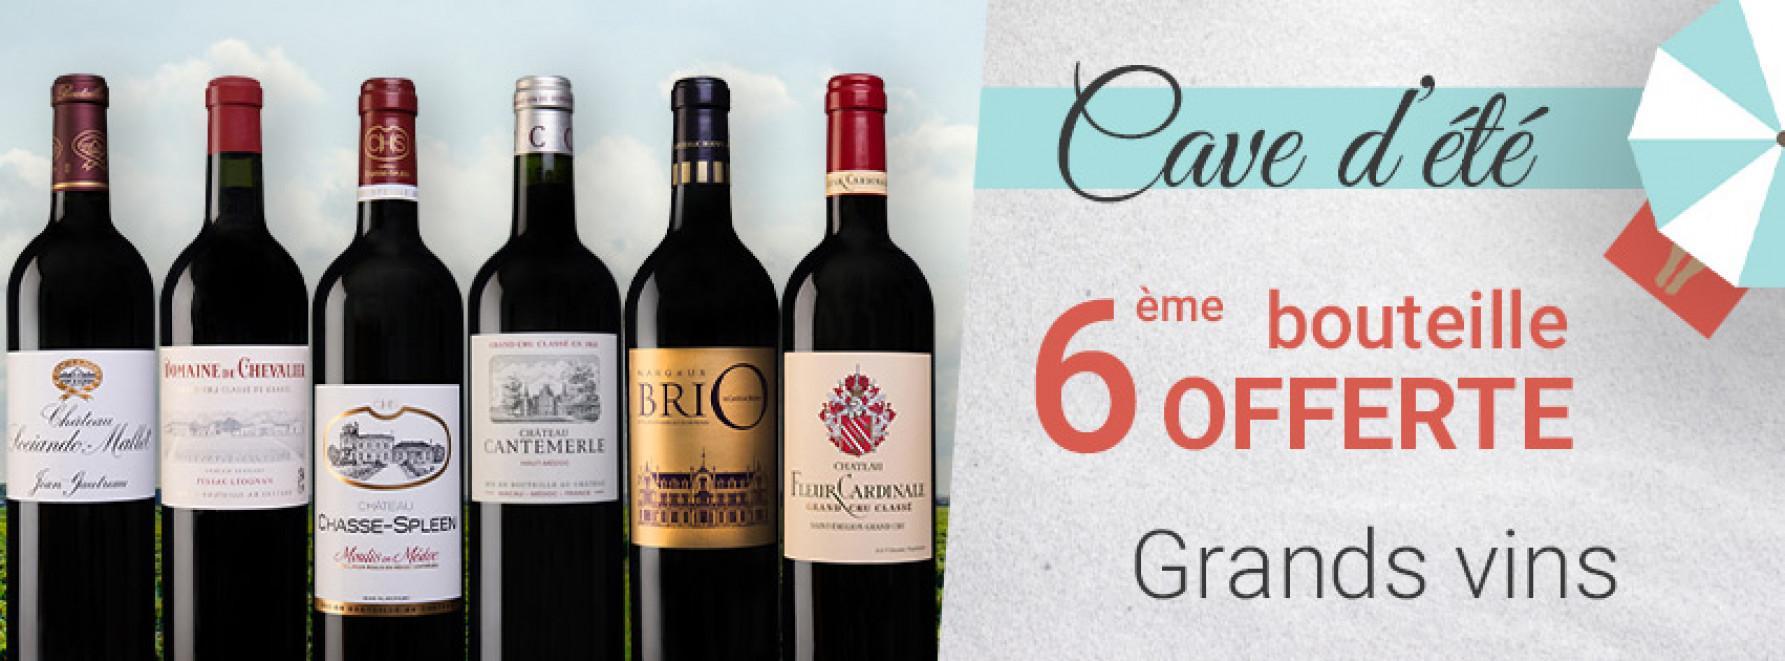 Cave d'été | Grands vins